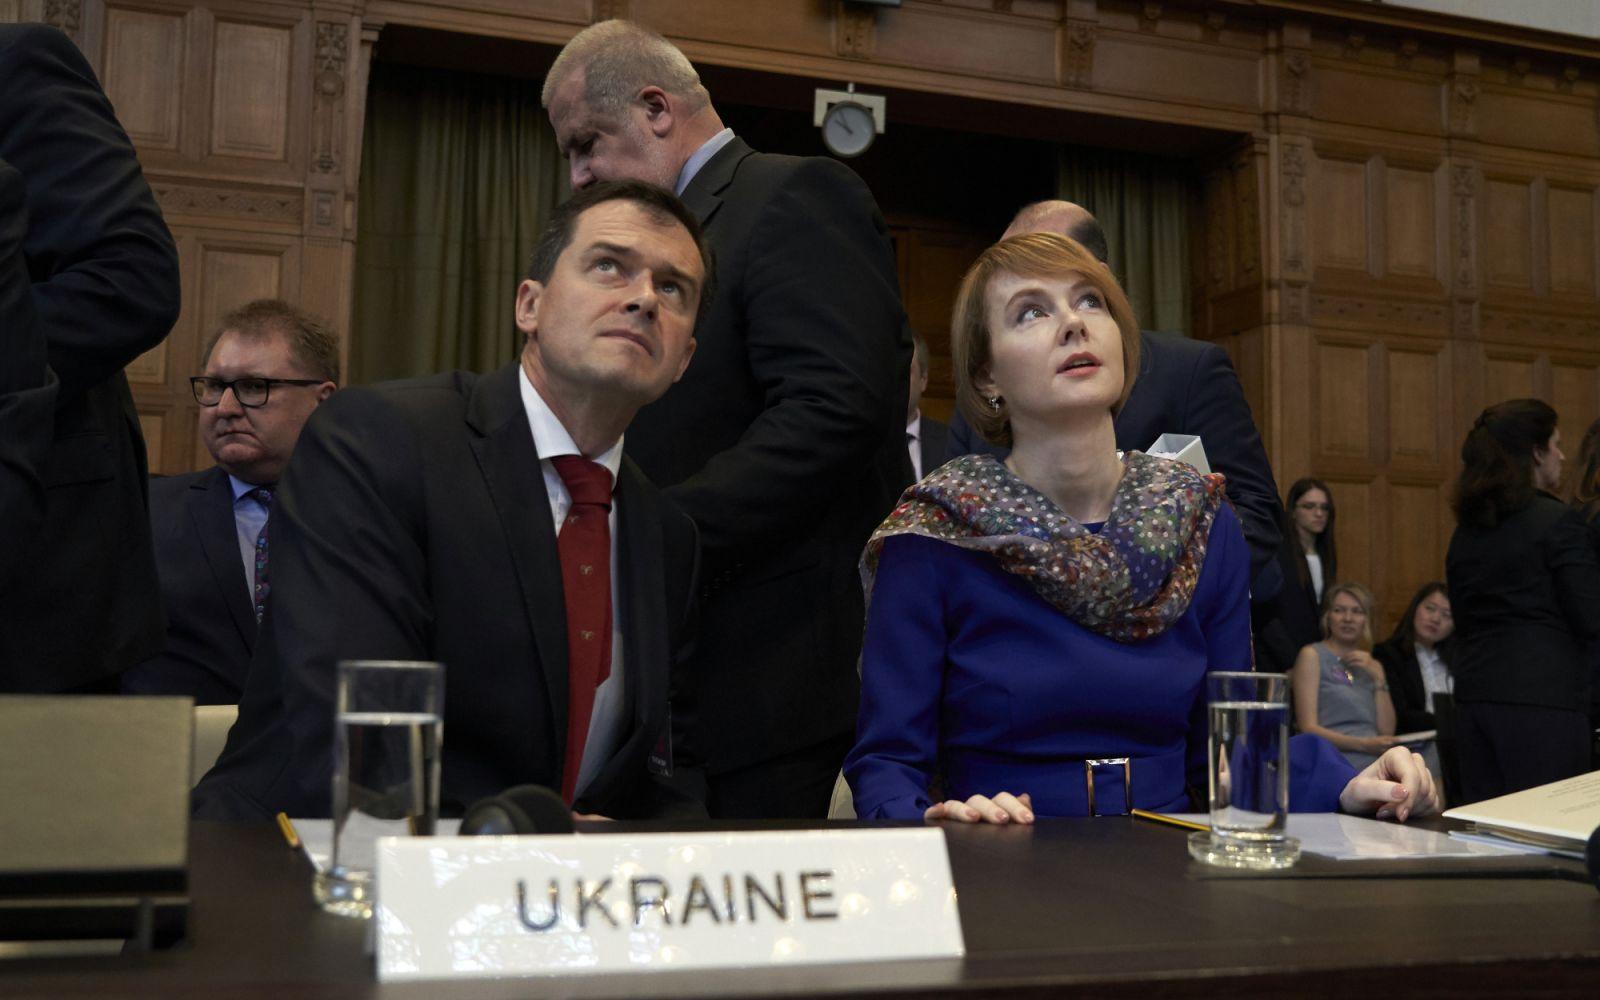 Миллионы наГаагу. Сколько и зачем тратит Украина на суды против России